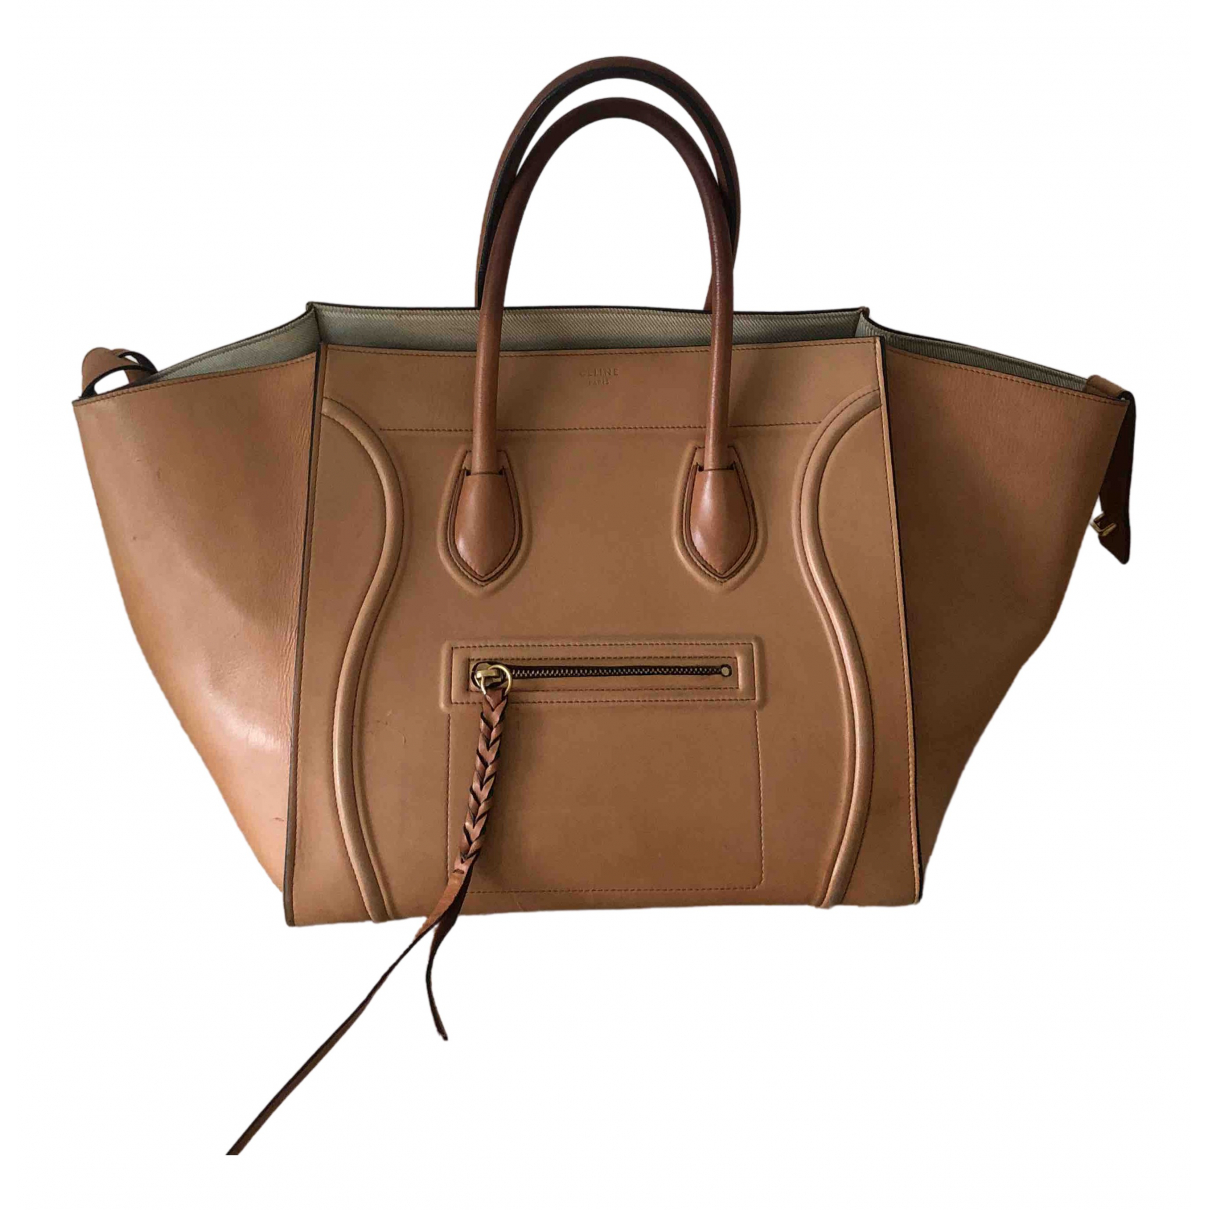 Celine Luggage Phantom Handtasche in  Kamel Leder